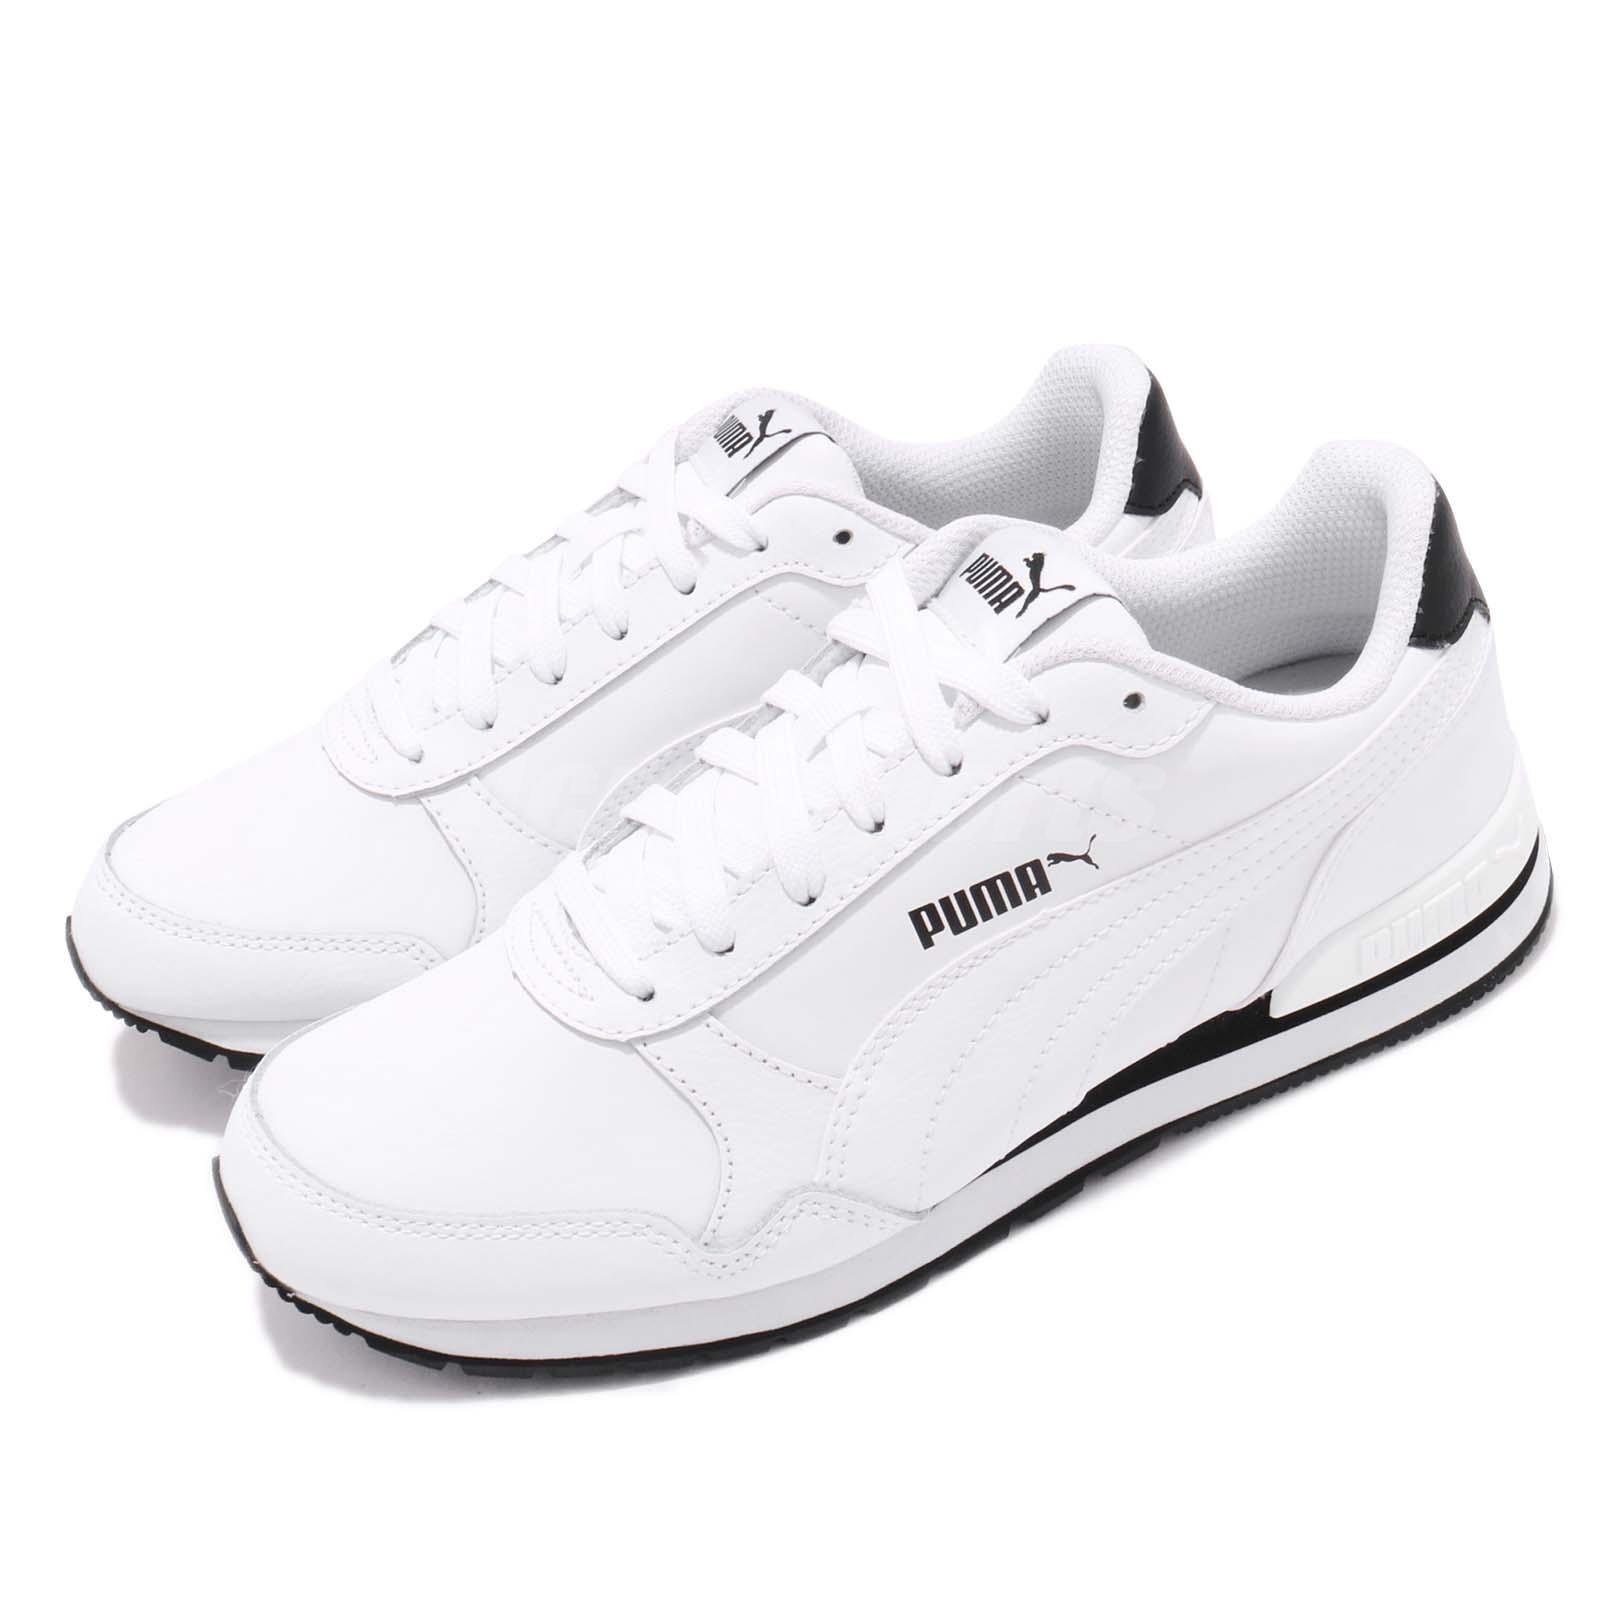 04b2ef8385b24 Details about Puma ST Runner V2 Full L White Black Men Women Running Casual  Shoes 365277-01